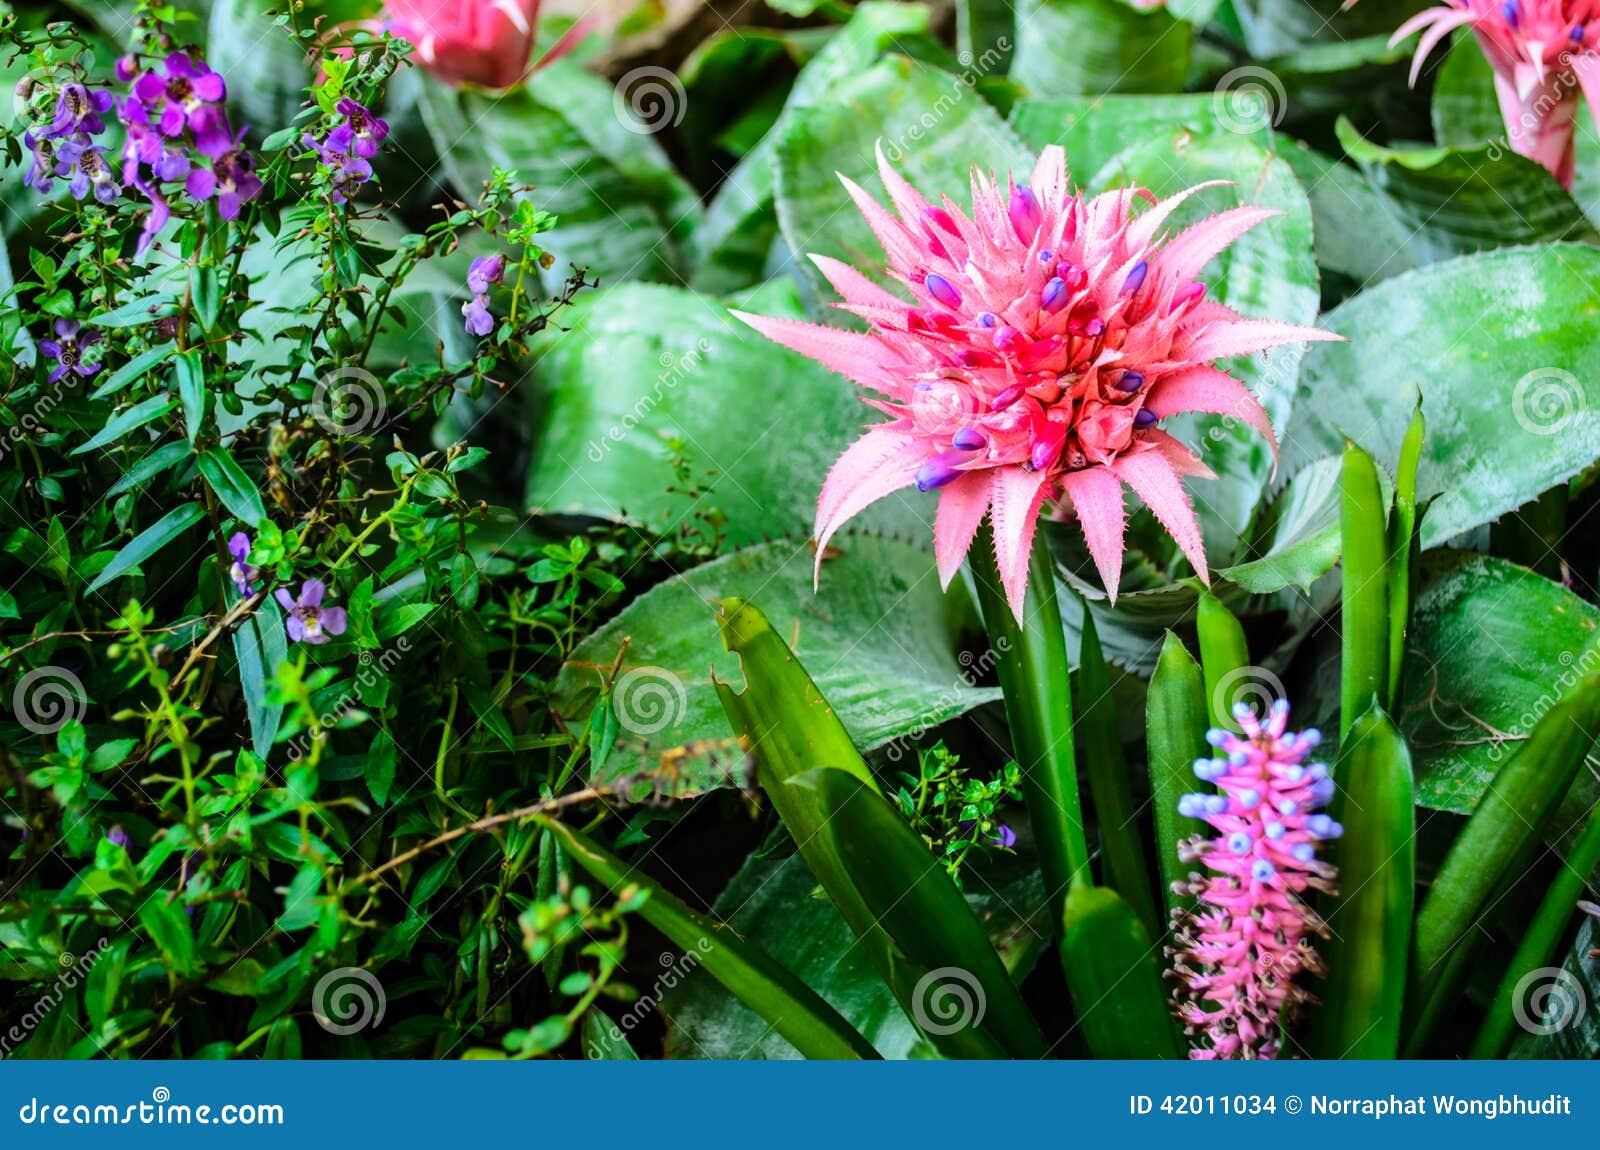 rosa ananas-blume im garten stockfoto - bild von blüte, boden: 42011034